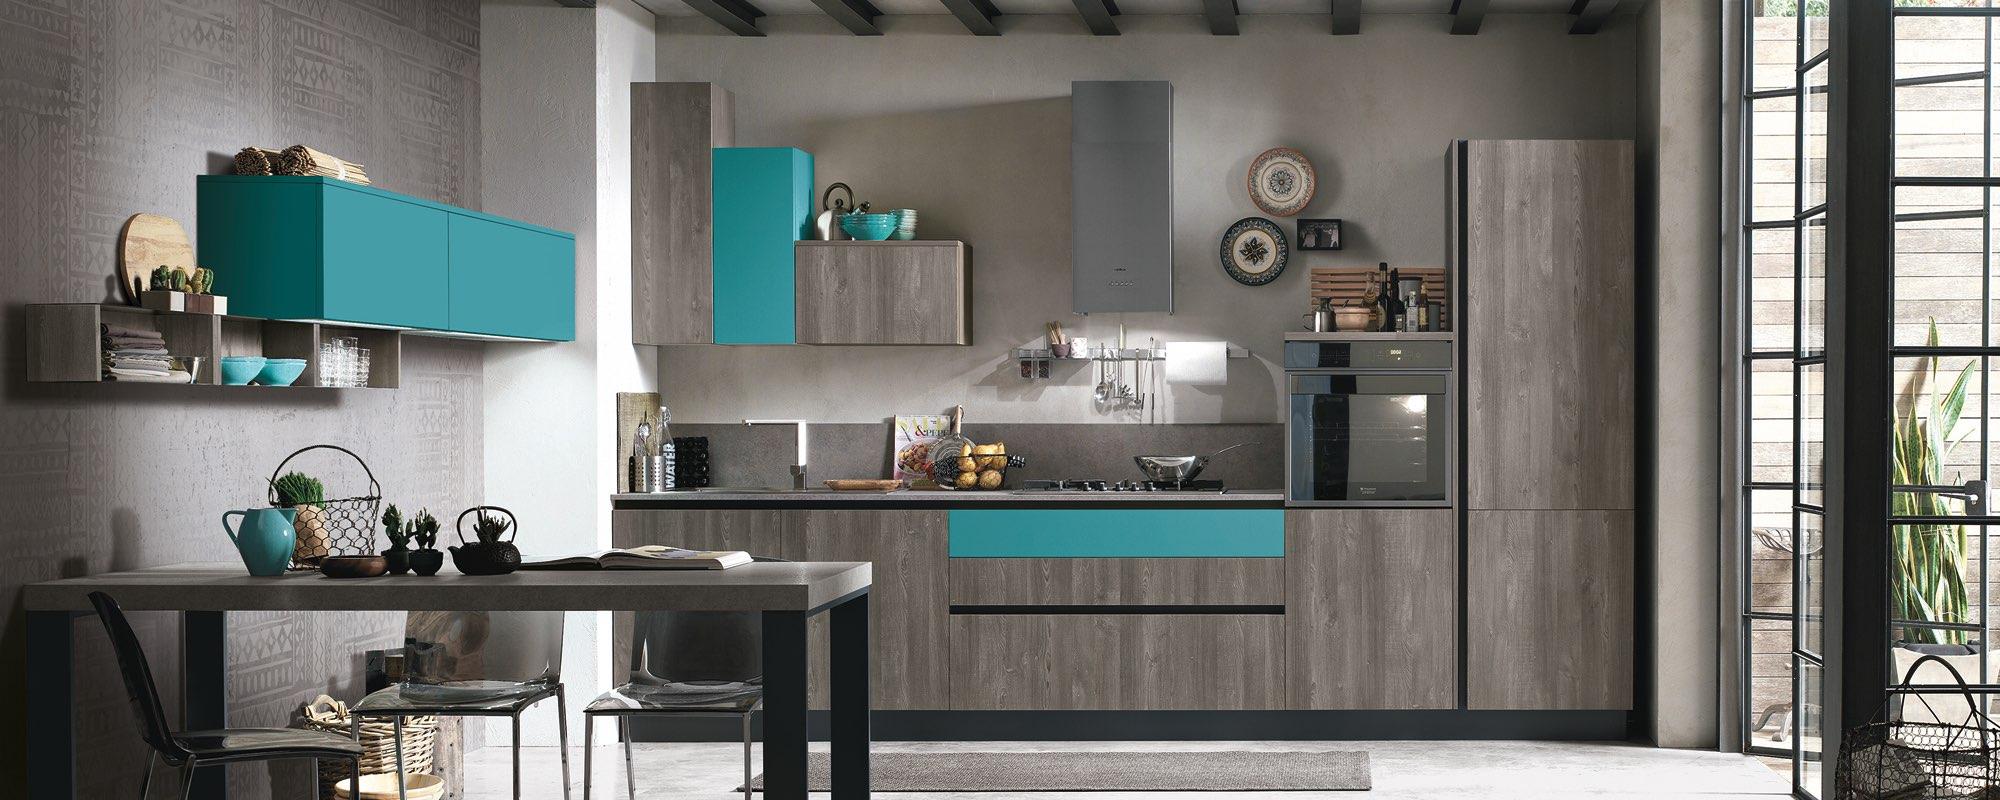 Colori cucina: quali scegliere? I 7 colori suggeriti da Stosa ...